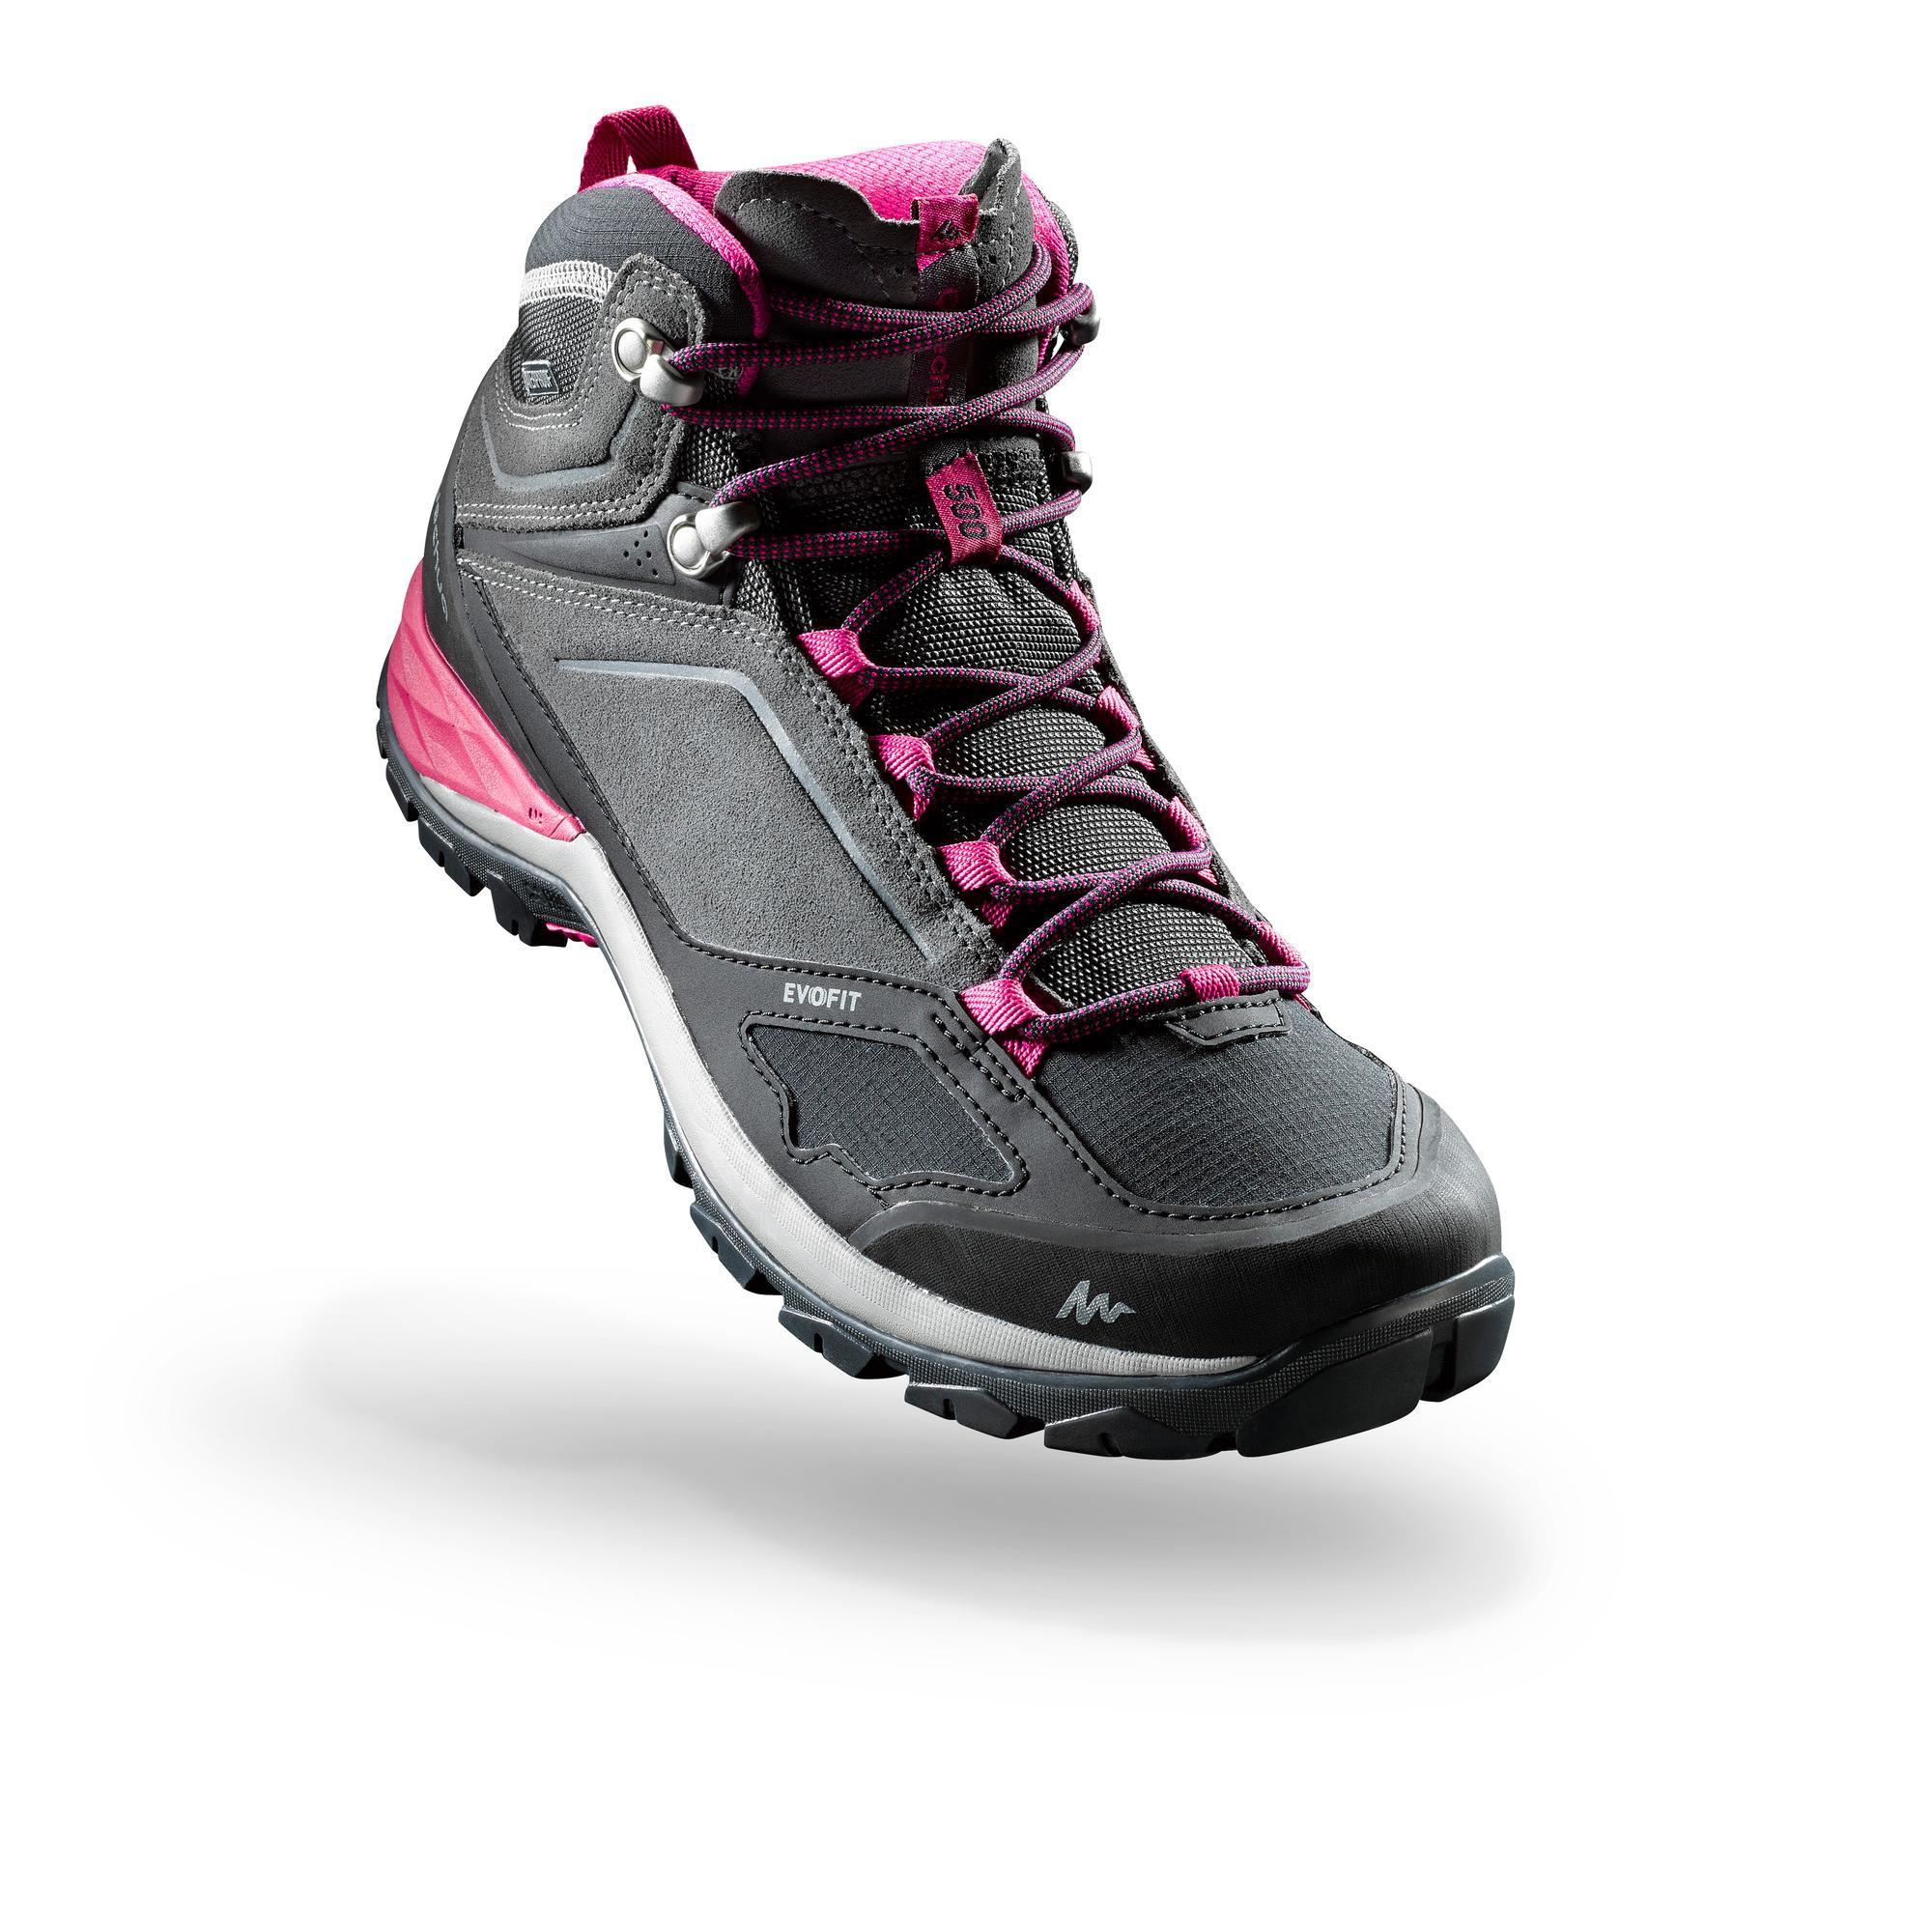 2554000 Quechua Waterdichte bergwandelschoenen voor dames MH500 mid grijs roze